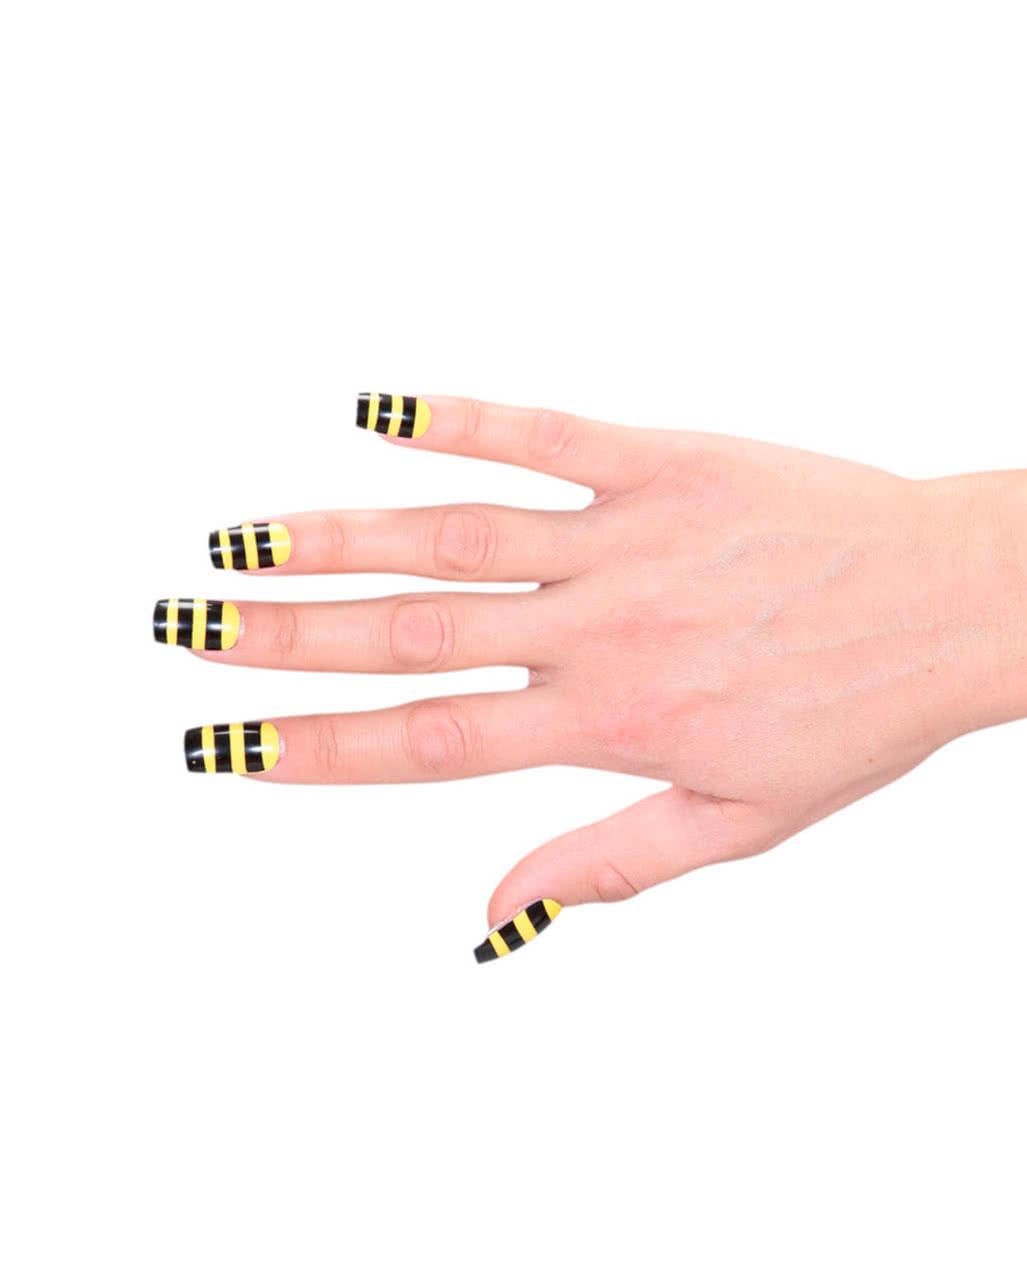 Bienen Fingernägel für Karnevalskostüme | Karneval Universe